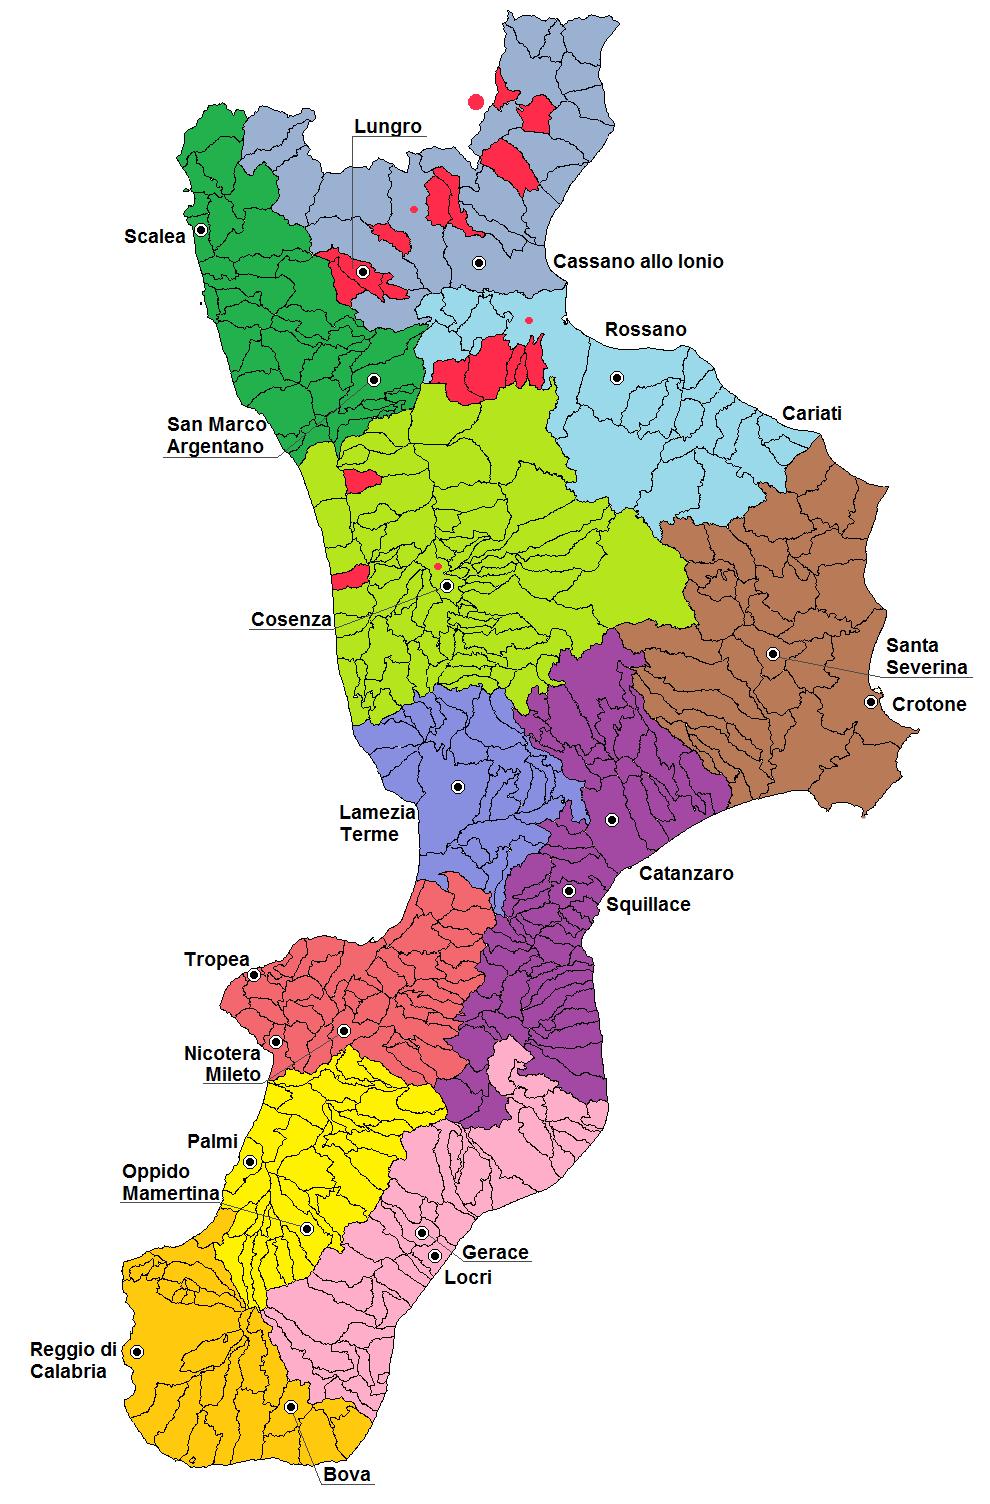 Cartina Geografica Cosenza E Provincia.Regione Ecclesiastica Calabria Wikiwand